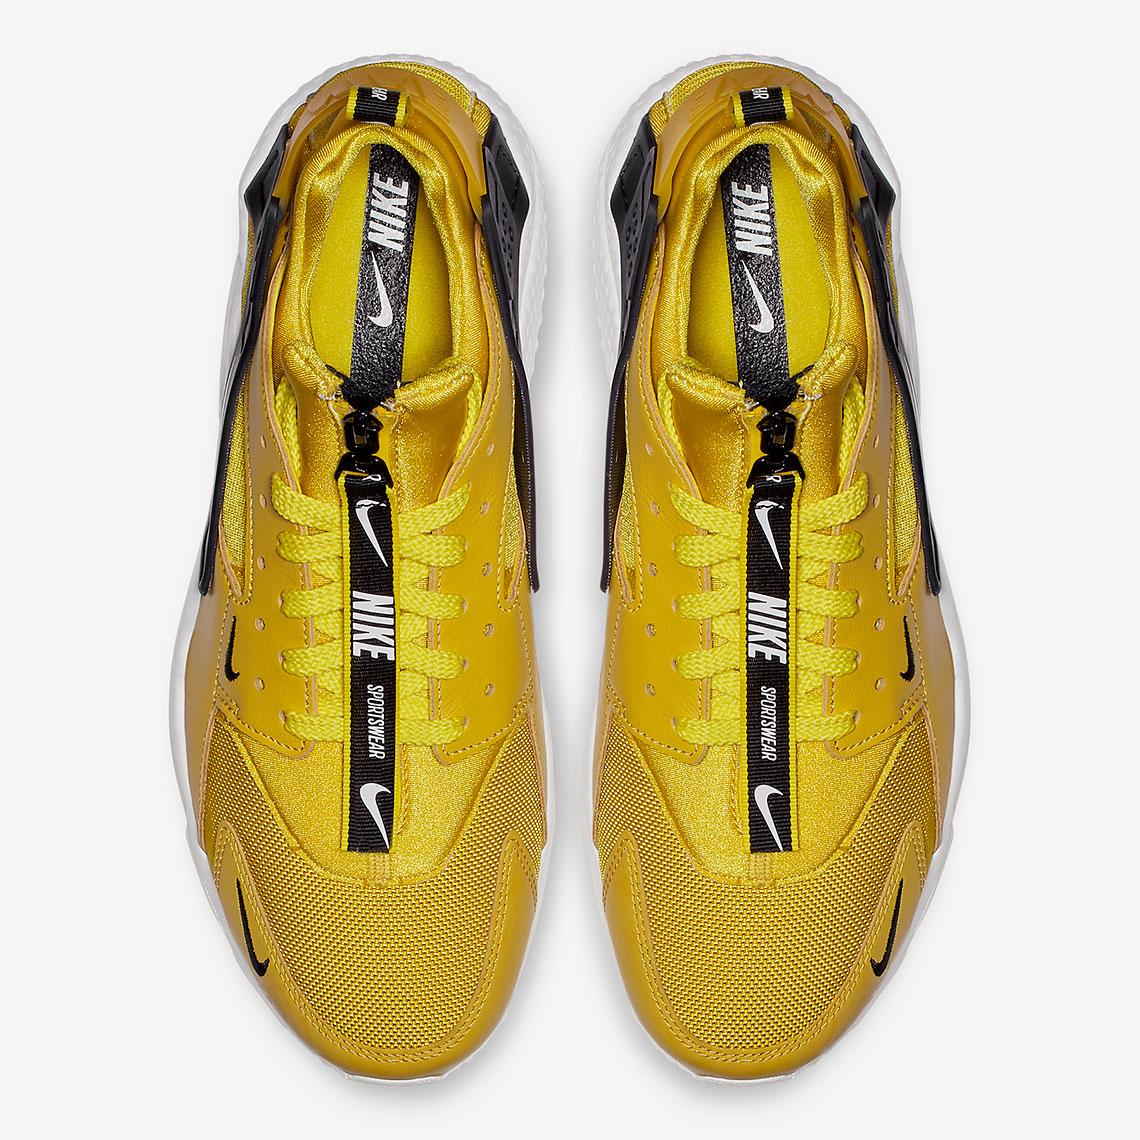 407288f16ffc Nike Huarache Zip Release Date  December 1st